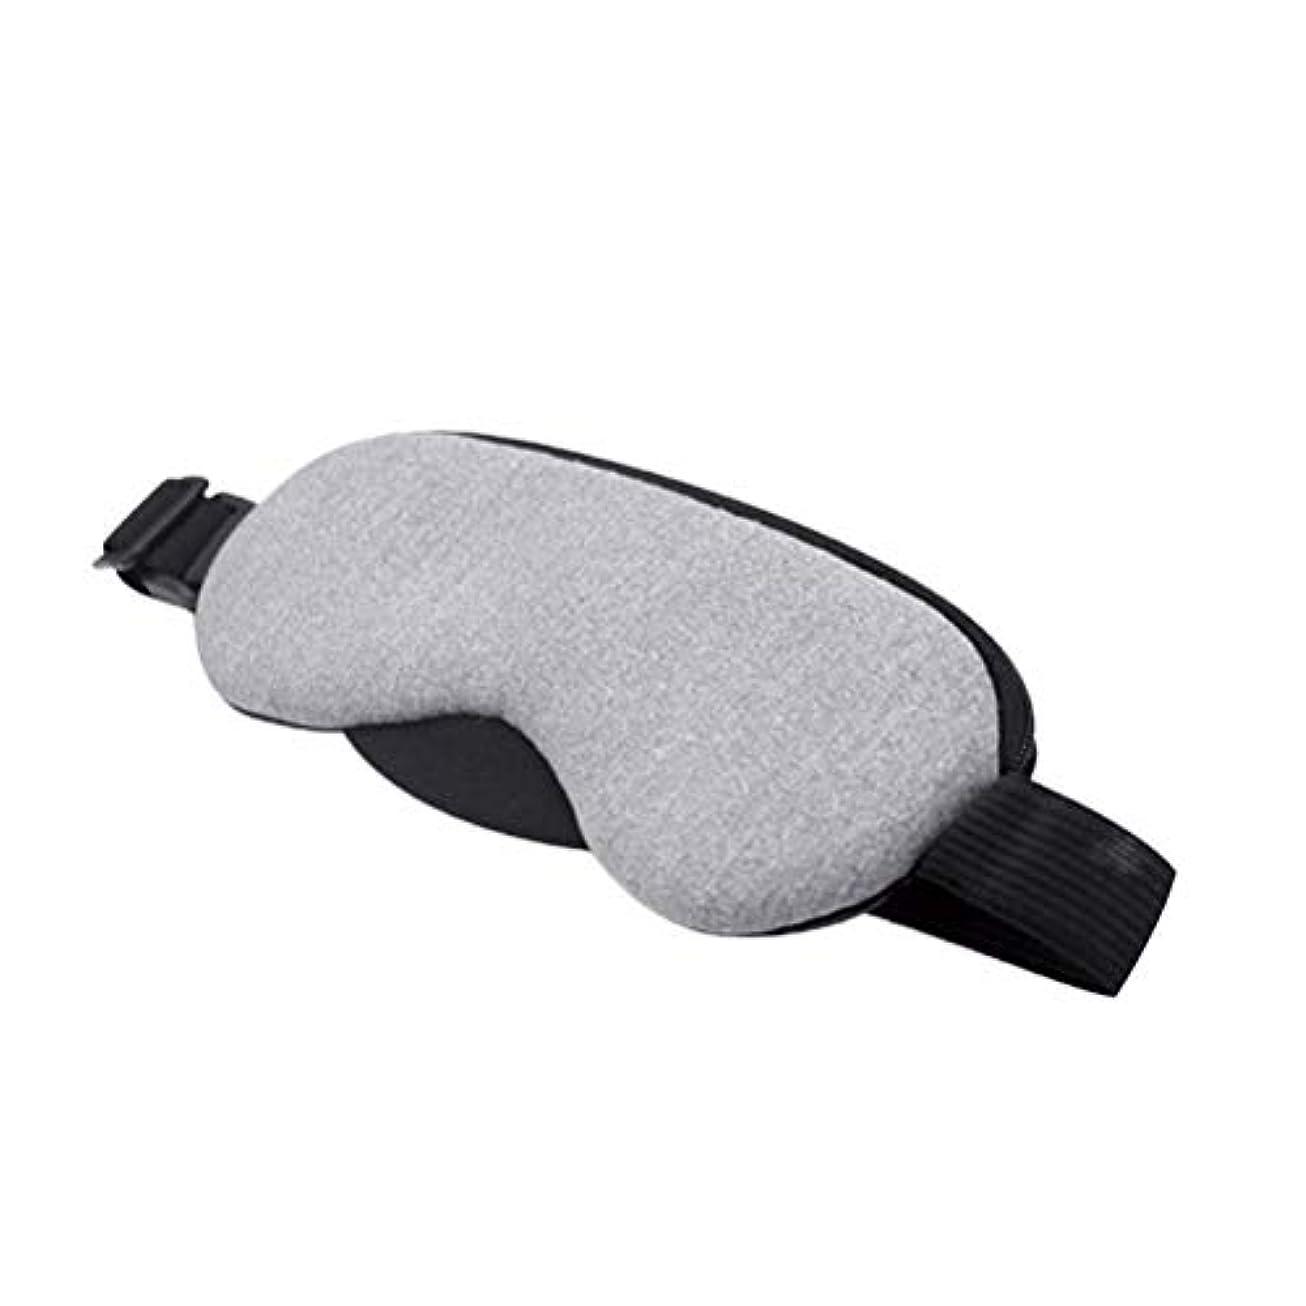 共和党失業不規則性ROSENICE USBスチームアイマスク目隠しホットコンプレッションアイカバー(ドライアイを逃す)